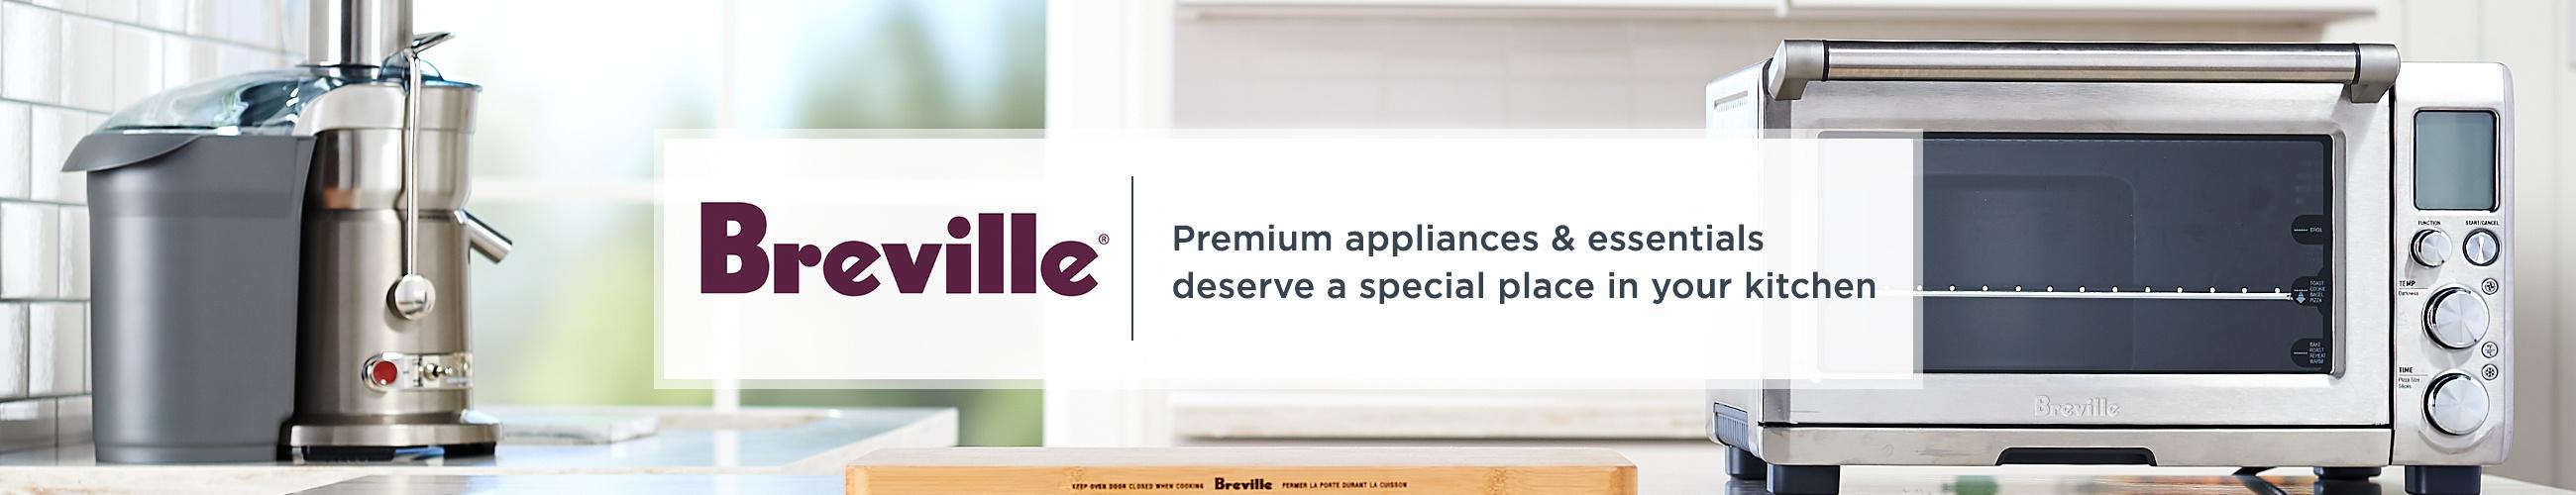 Breville, Premium appliances & essentials deserve a special place in your kitchen.